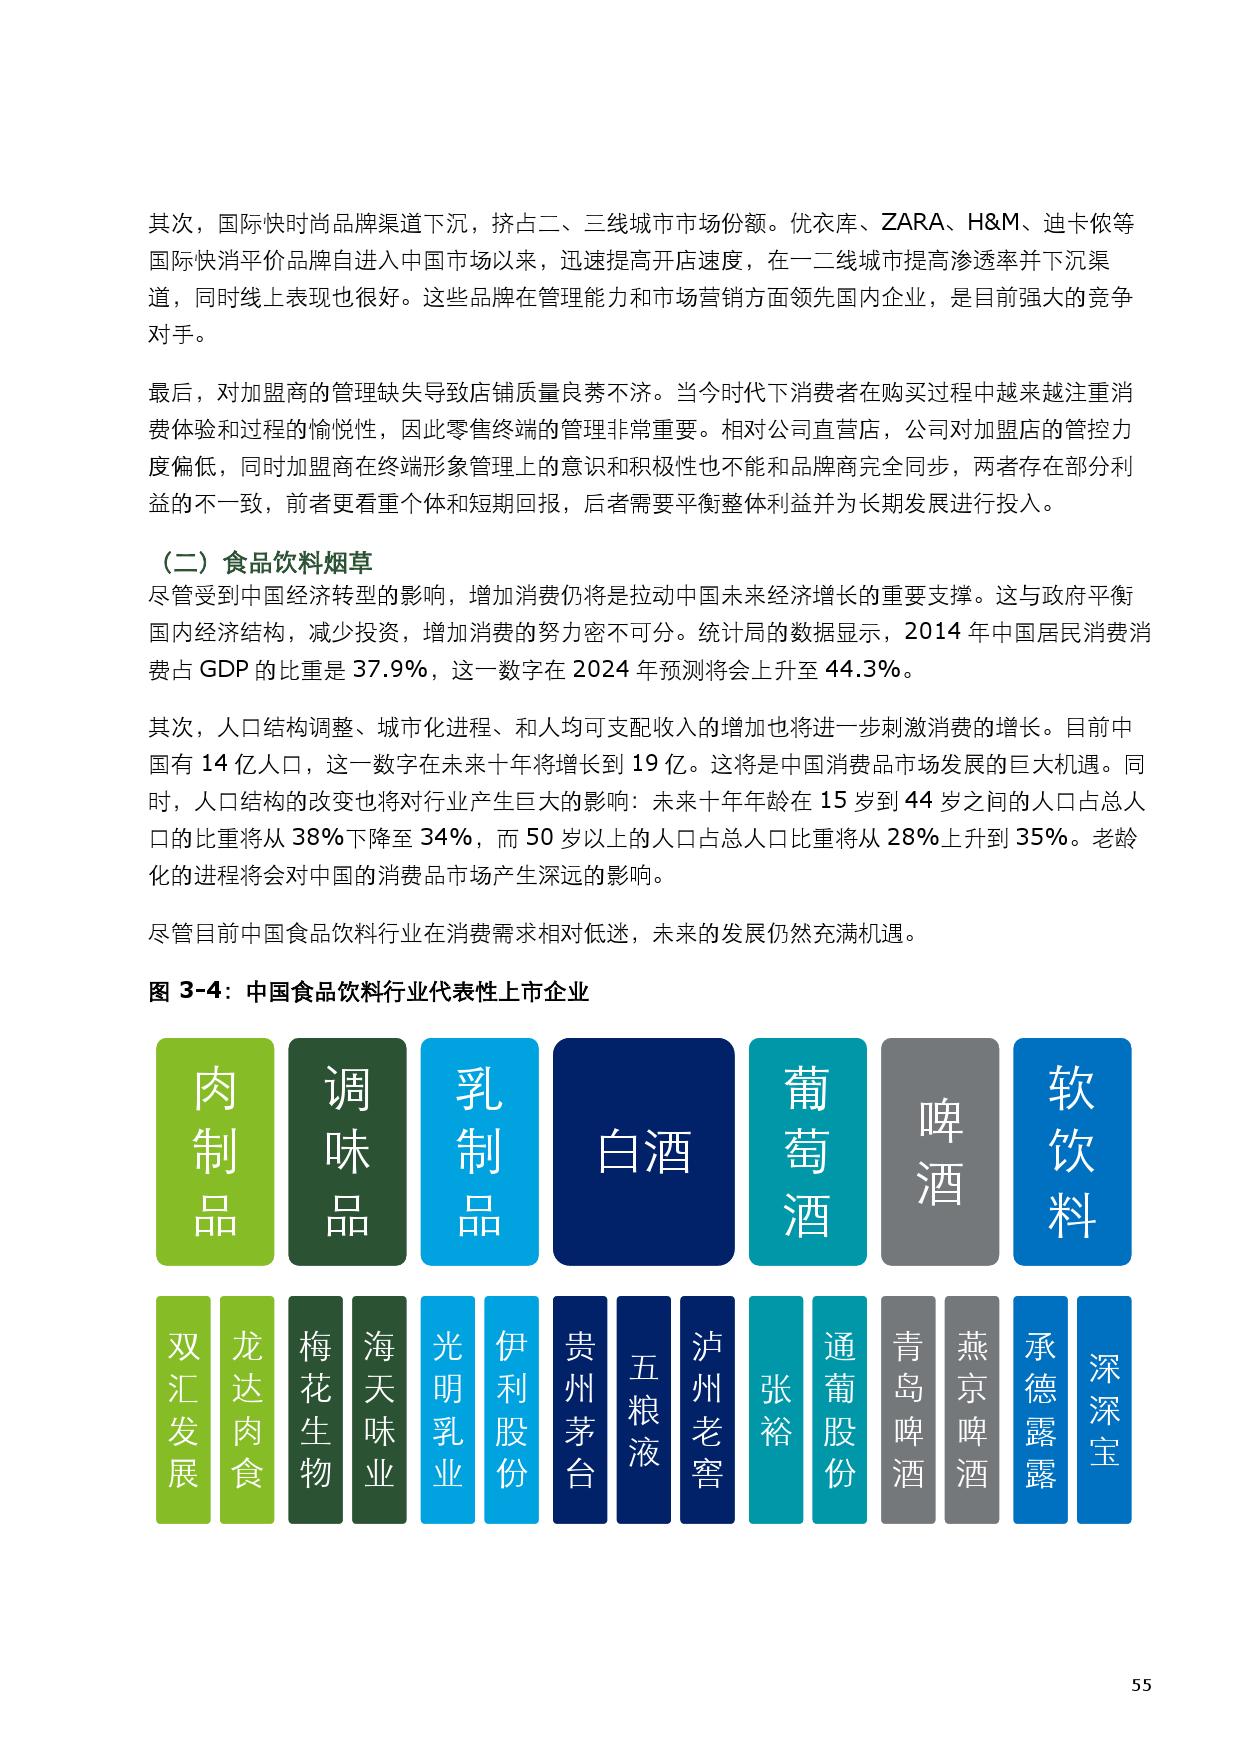 2015中国零售产业投资促进报告_000063